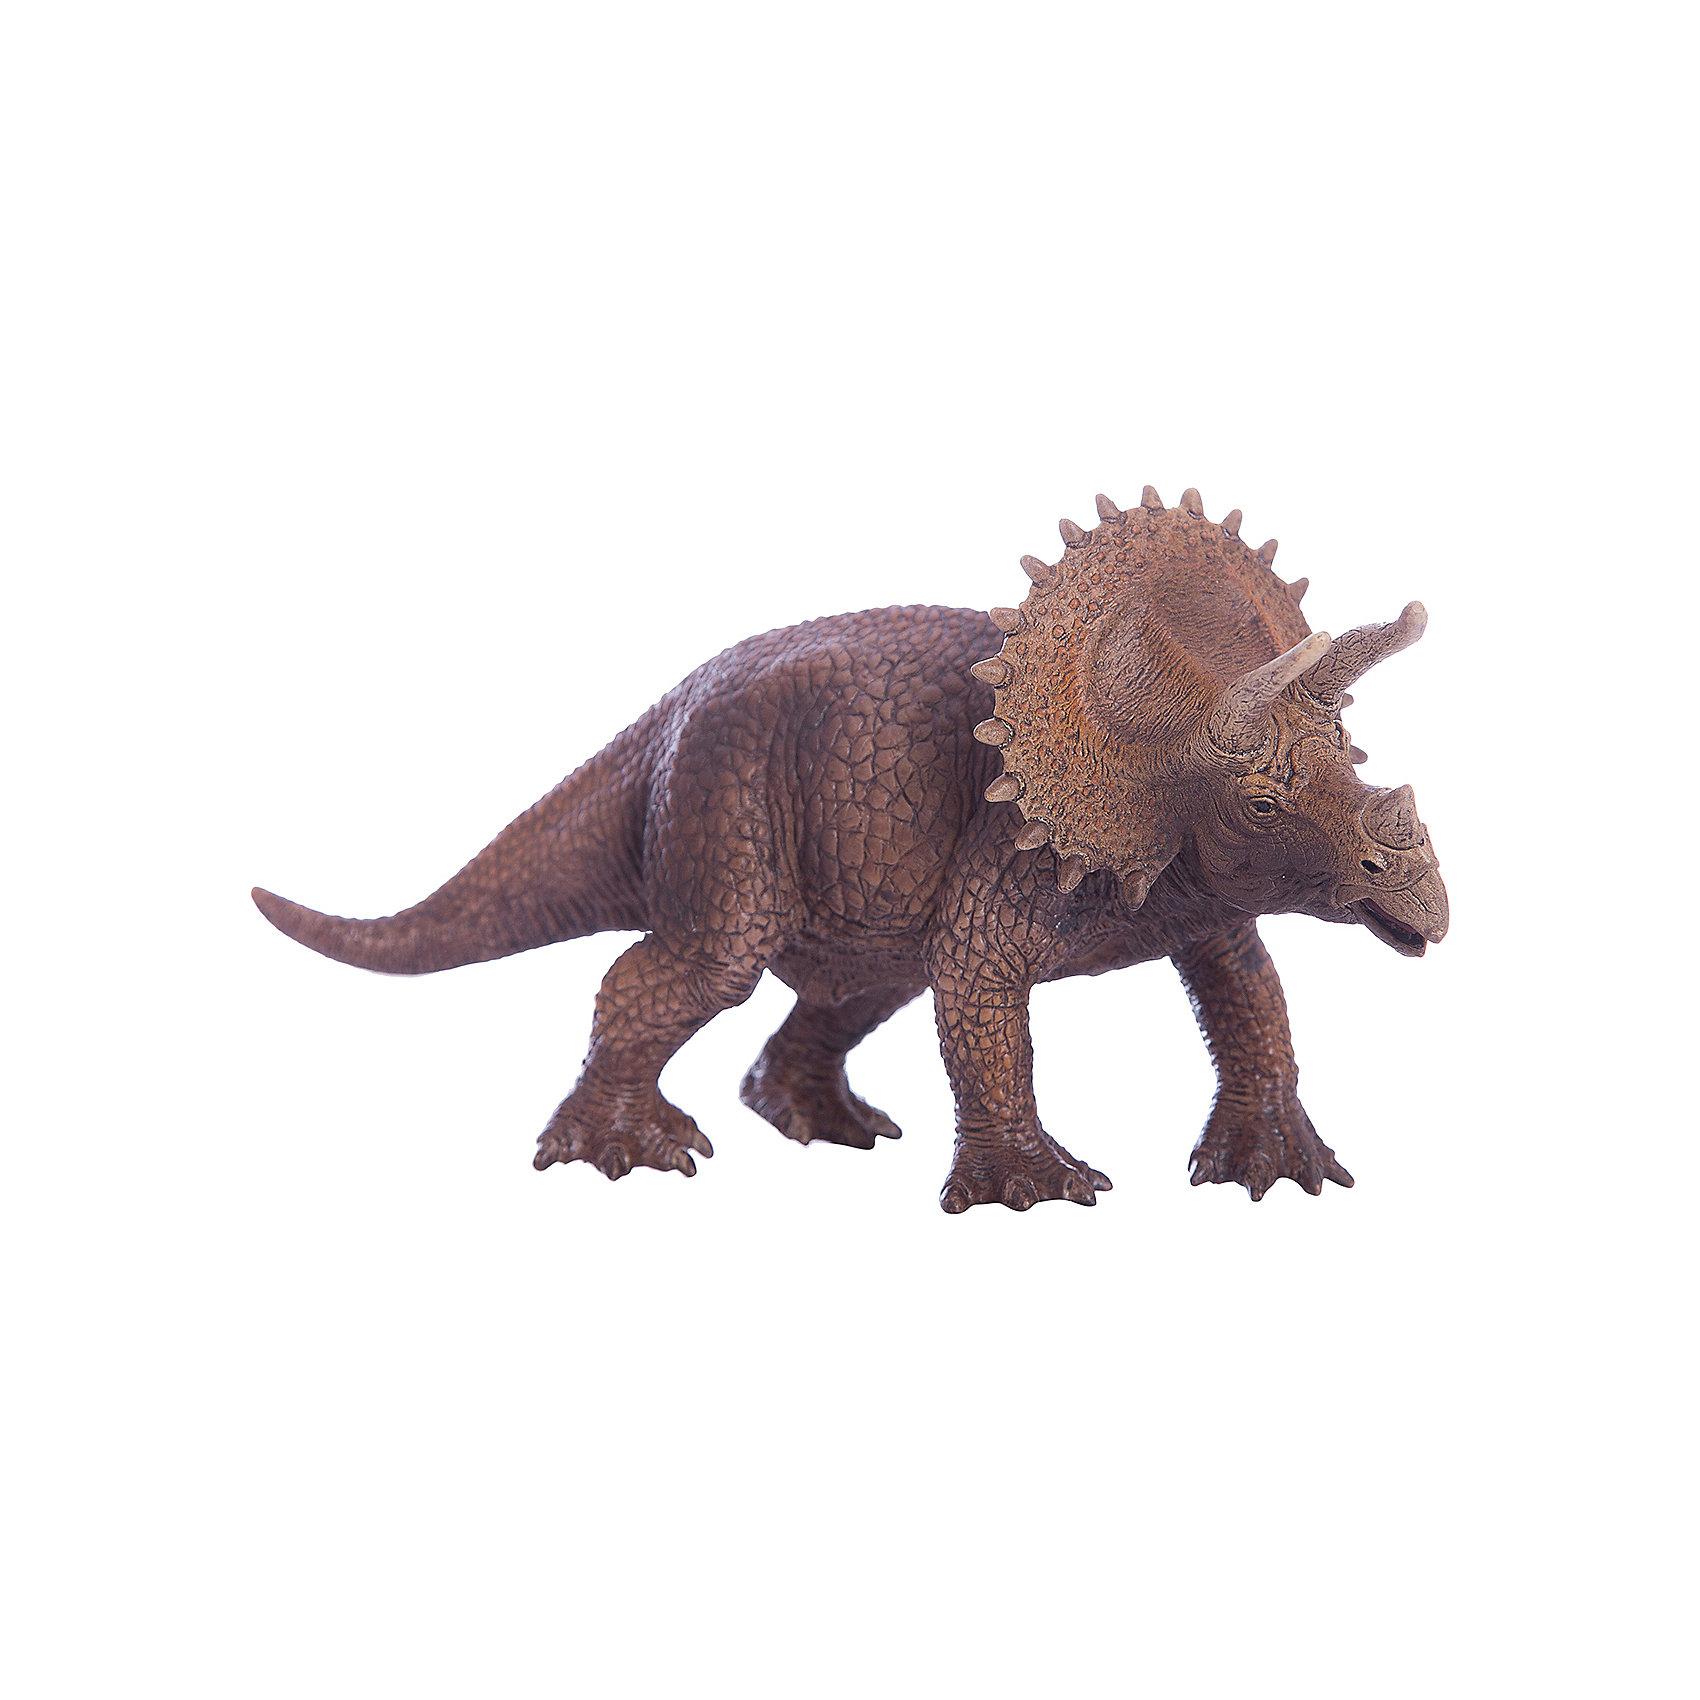 Трицераптор, SchleichТрицераптор получил свое название от трех древнегреческих слов, которые переводятся на русский язык как «три», «рог», «морда, лицо». Действительно, эти животные имели три рога на голове, ходили на четырех тяжелых толстых ногах и имели хвост. Широкую известность эти динозавры получили благодаря костяному воротнику сравнительно больших размеров. До сих пор неизвестно для каких целей Трицераптор применял свои рога.<br><br>Дополнительная информация:<br><br>Материал: каучуковый пластик<br>Размеры: 20,0 ? 8,0 ? 10,5 см<br><br>Трицераптора, Schleich (Шляйх) можно купить в нашем магазине.<br><br>Ширина мм: 168<br>Глубина мм: 109<br>Высота мм: 73<br>Вес г: 273<br>Возраст от месяцев: 36<br>Возраст до месяцев: 96<br>Пол: Мужской<br>Возраст: Детский<br>SKU: 2445905